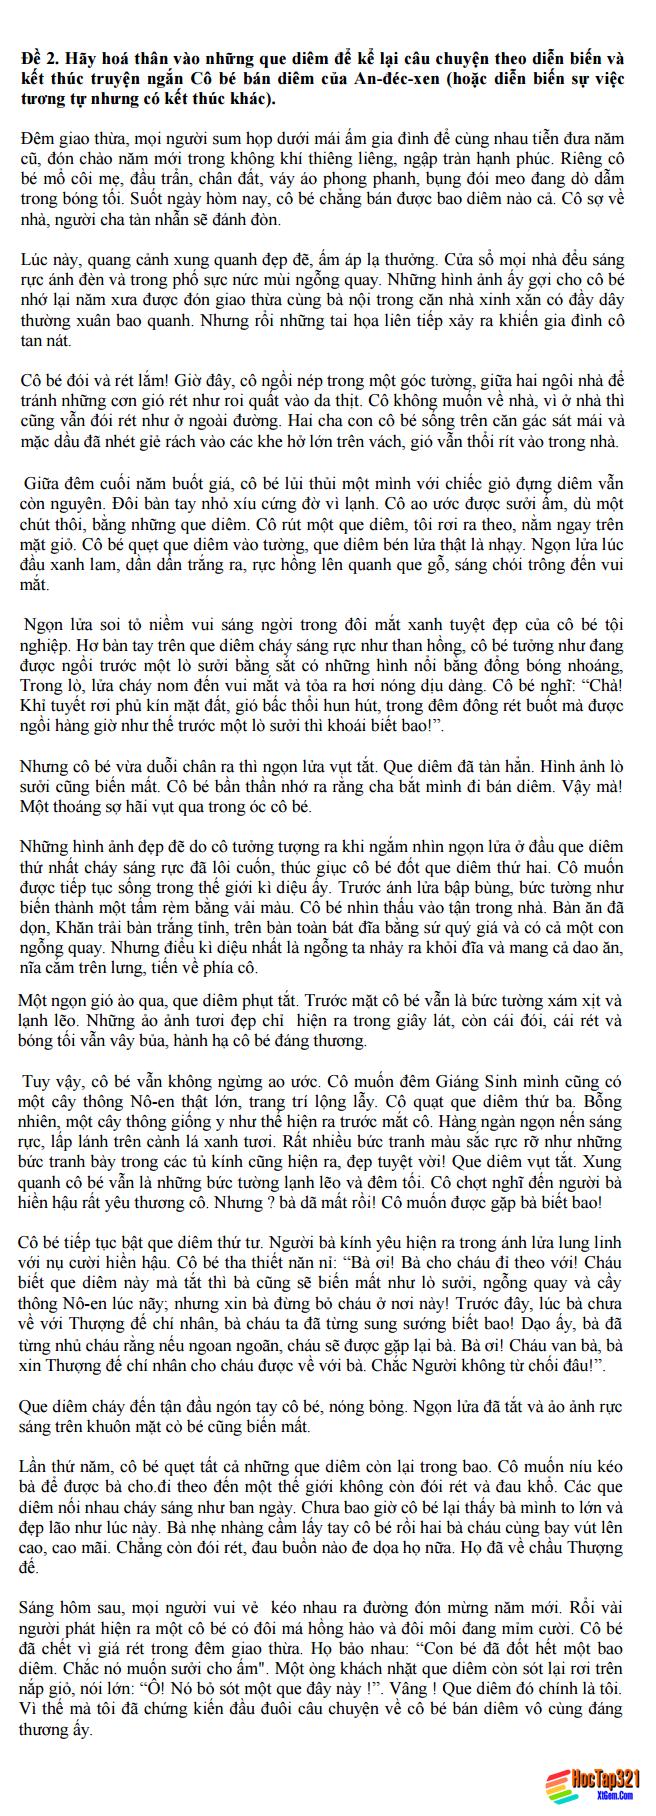 Soạn bài: Viết bài làm văn số 3: Văn tự sự